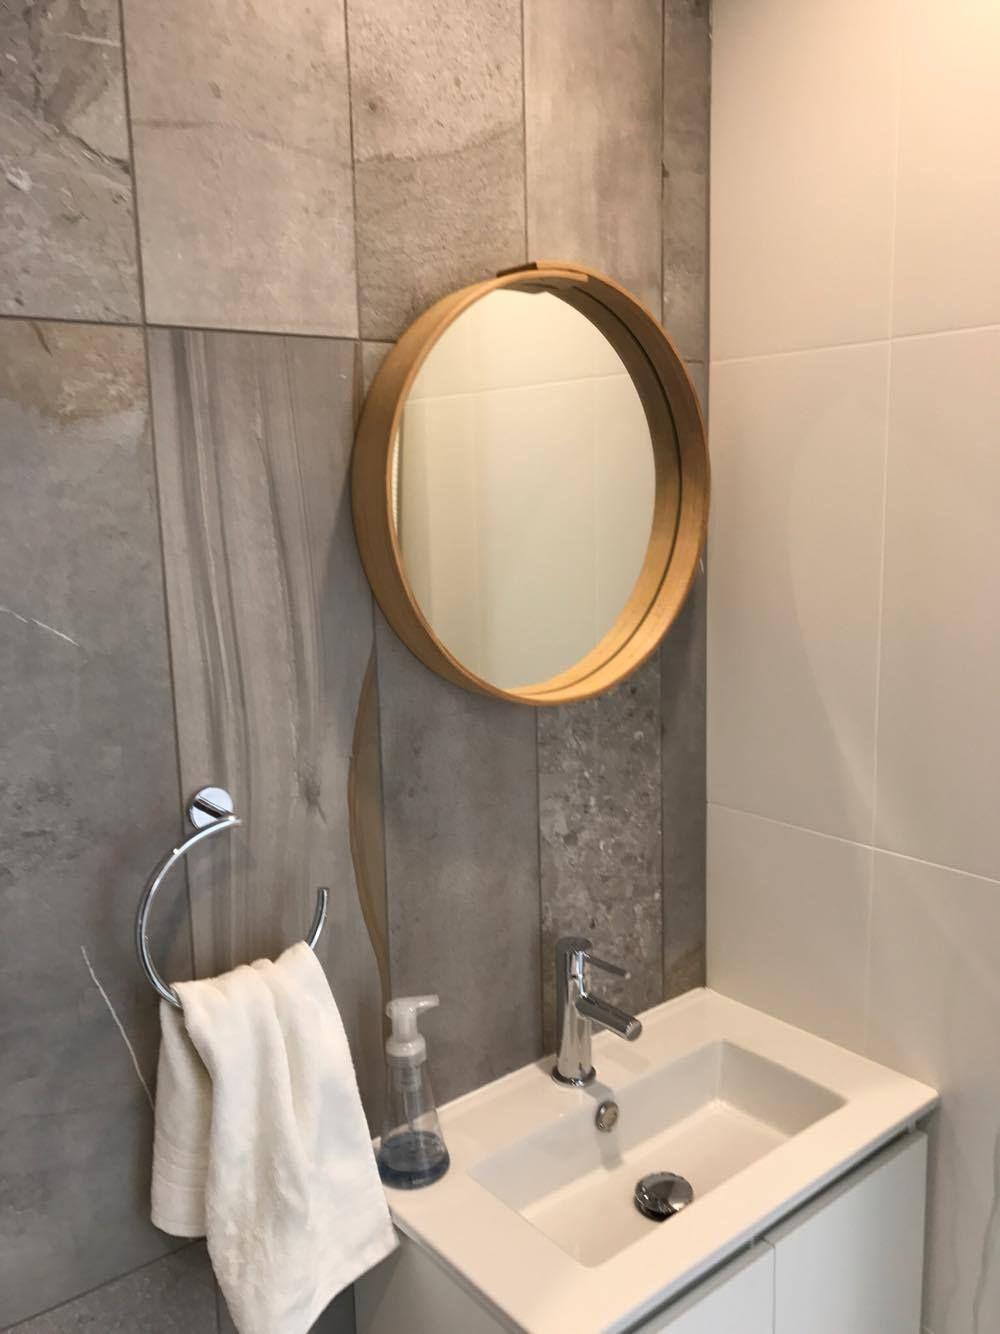 Round Mirror Wall Mirror Oak Or Walnut Wood Etsy Wood Mirror Bathroom Bathroom Mirror Mirror Wall Bathroom